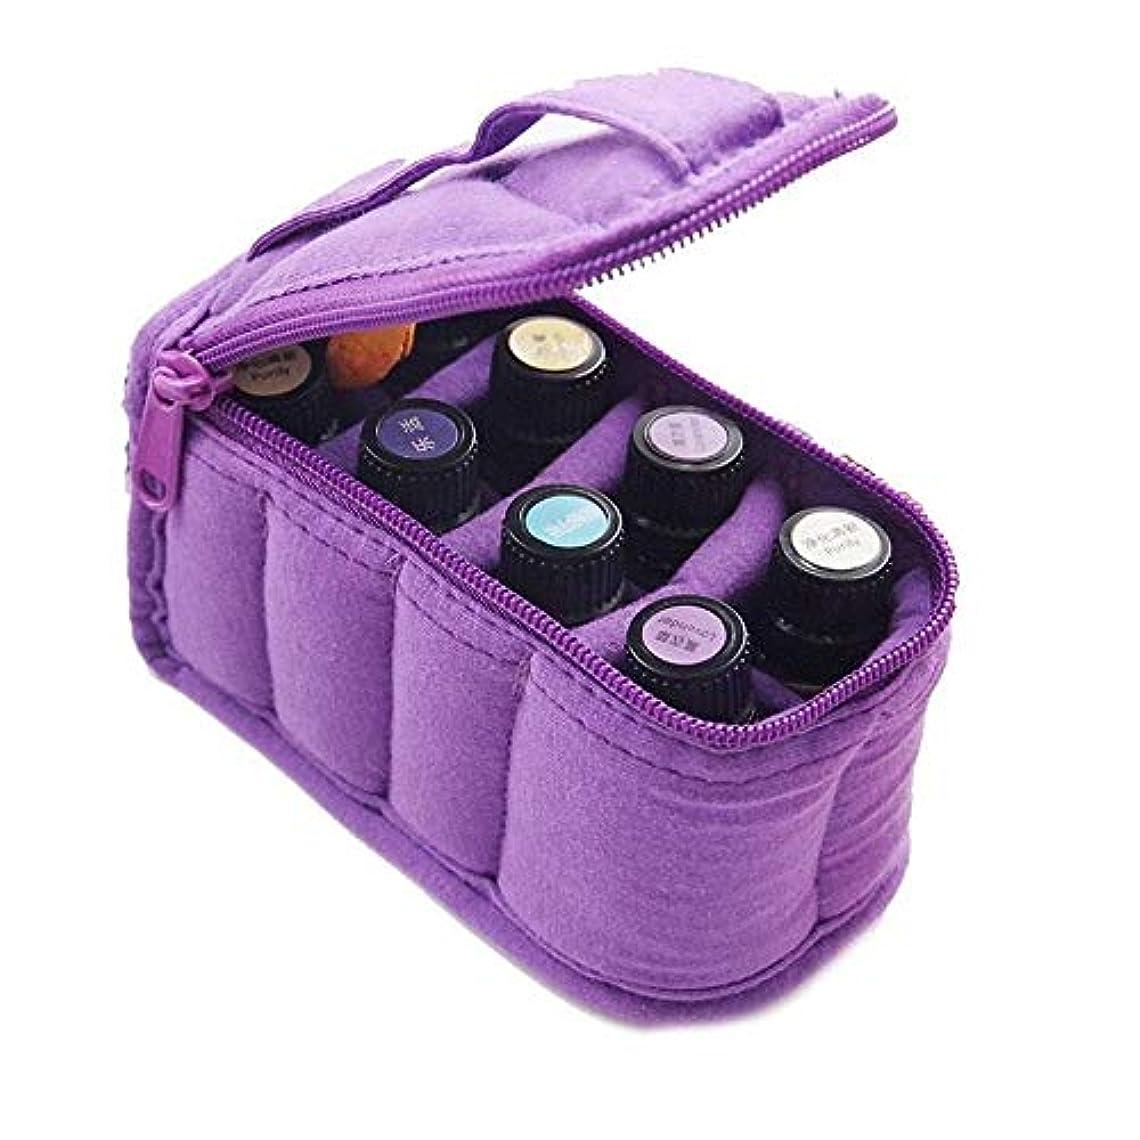 型閉じる紳士エッセンシャルオイル収納ボックス (トップのハンドルキャリー)ケースプレミアム保護は10-15MLエッセンシャルオイルオーガナイザーバッグを保持キャリングエッセンシャルオイル13x7x7.5cm (色 : 紫の, サイズ...